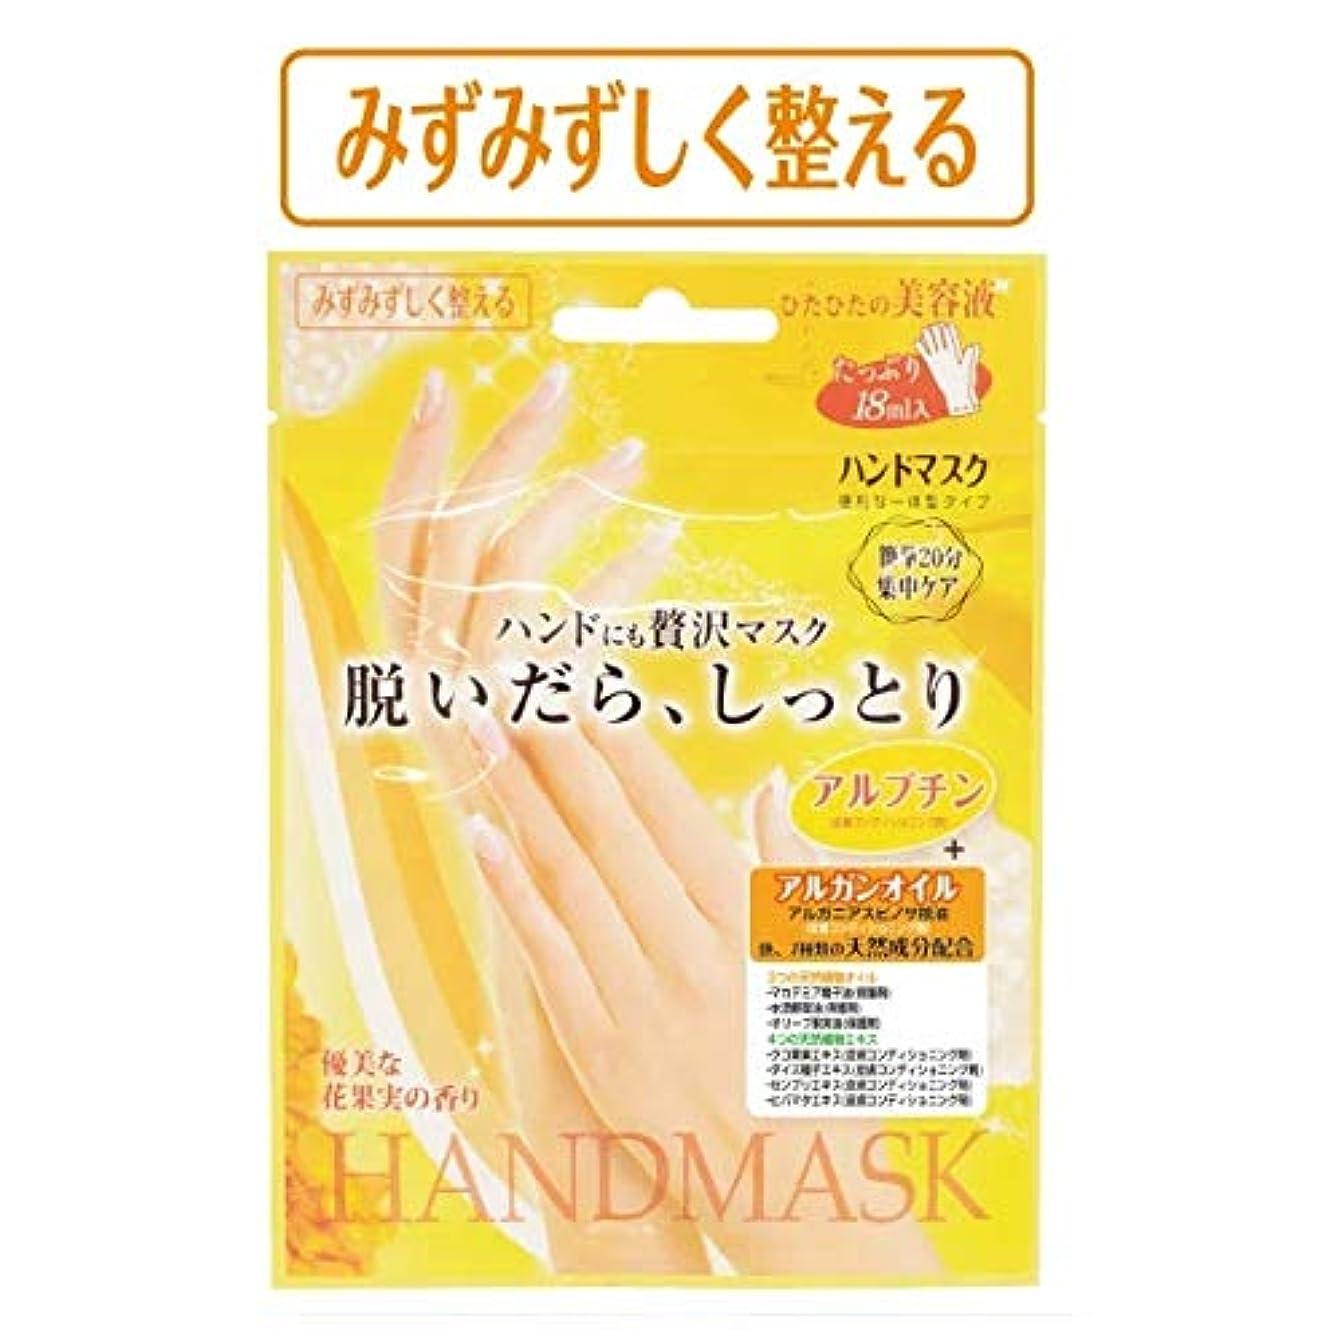 建築家分離するオレンジSBハンドマスク BSH251 両手1回分 美容 美容液 手 指先 爪 ハンドケア ネイルケア 一体型タイプ はめるだけ 潤い しっとり やわらか 透明感 保湿 キレイ Hand Mask ビューティーワールド ラッキートレンディ...